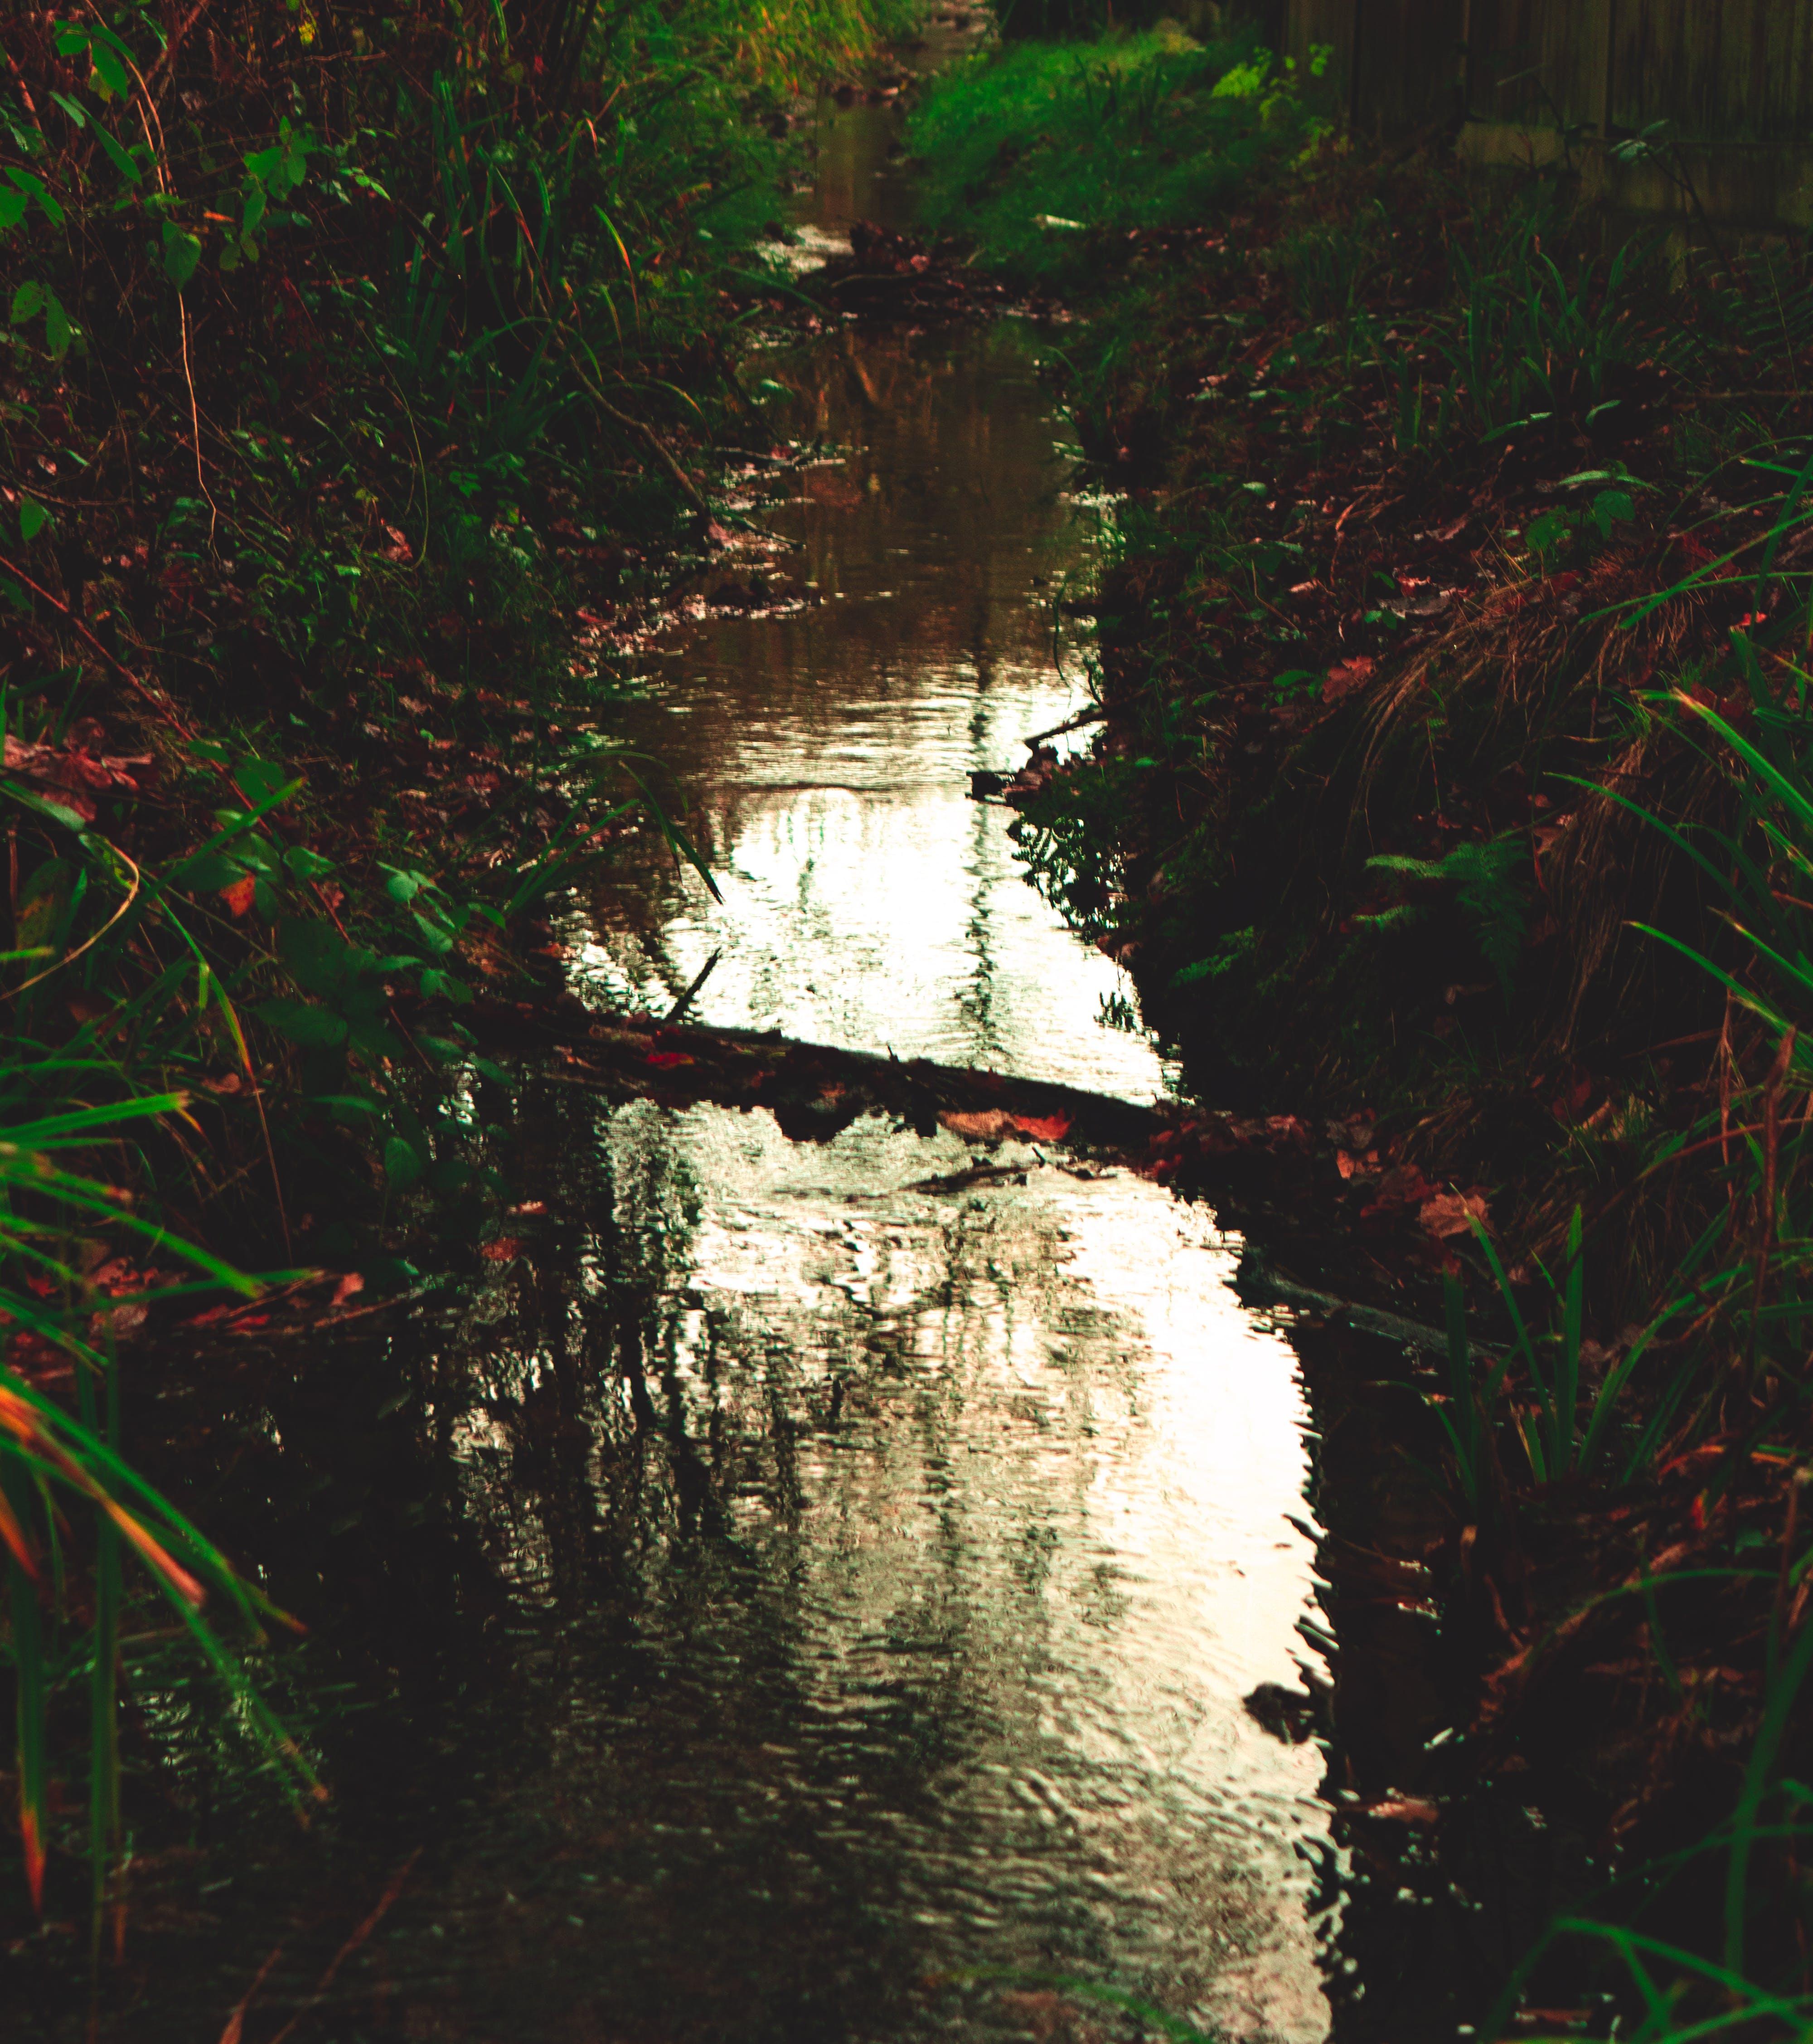 Δωρεάν στοκ φωτογραφιών με ανακλαστικός, αντανάκλαση, γέφυρα, δασική έκταση